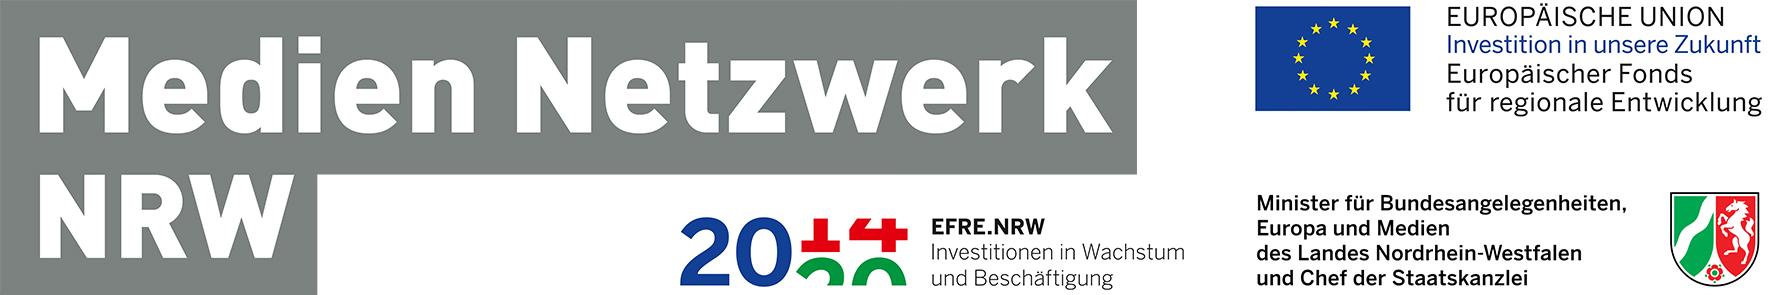 mediennetzwerk Logos